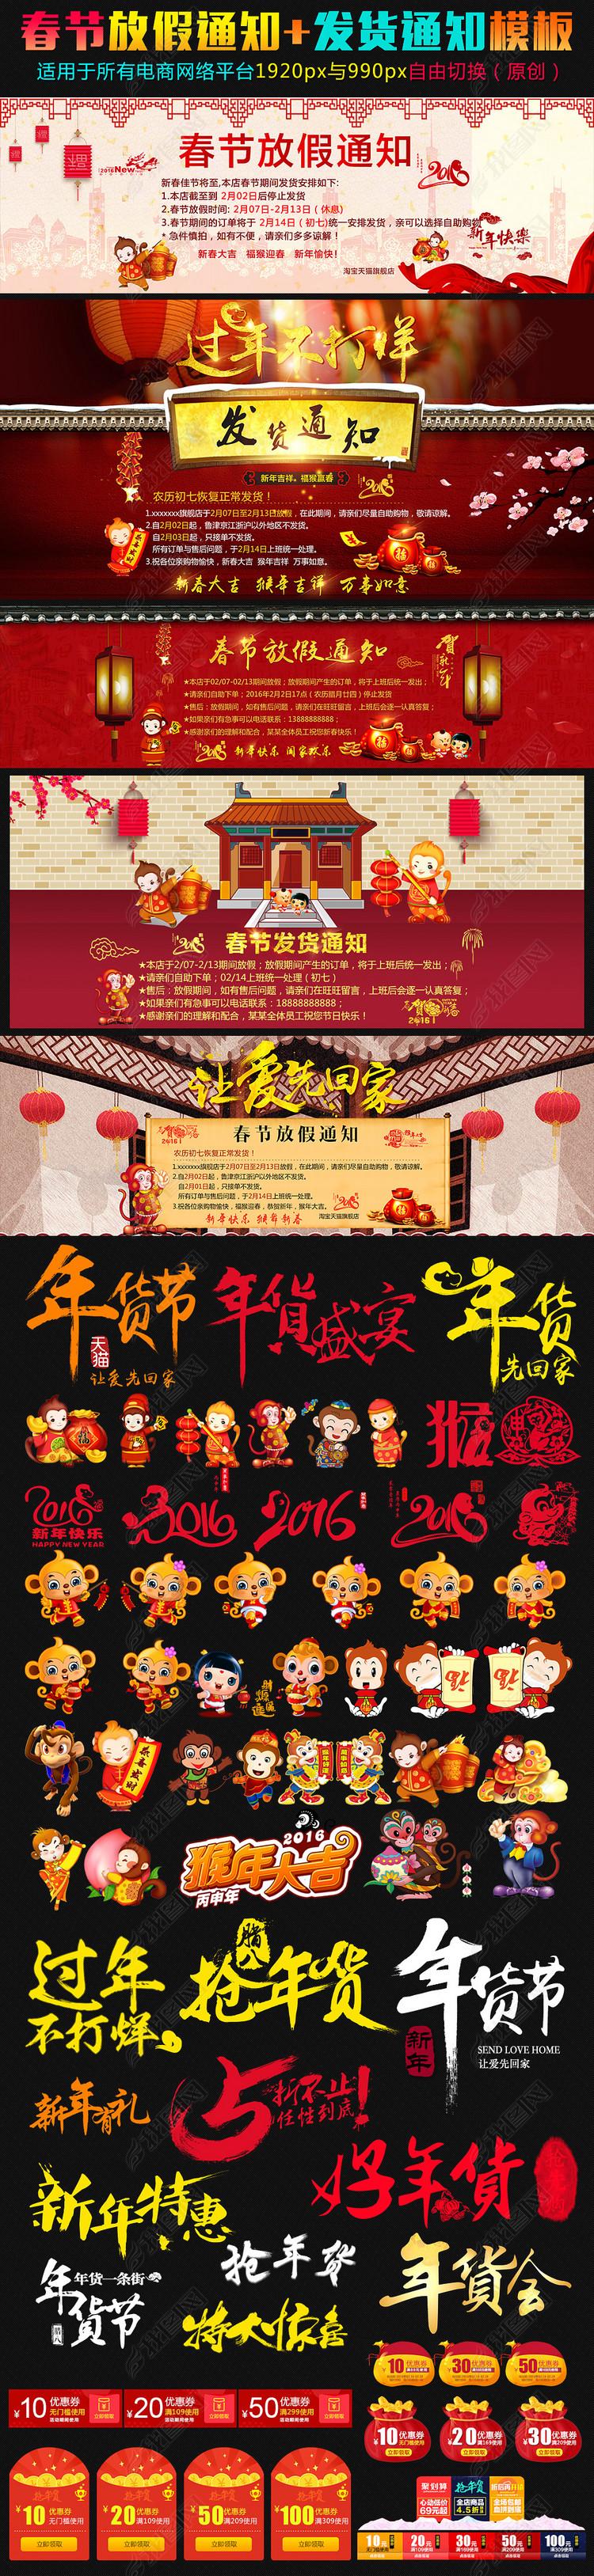 淘宝天猫春节放假通知新年发货通知模板